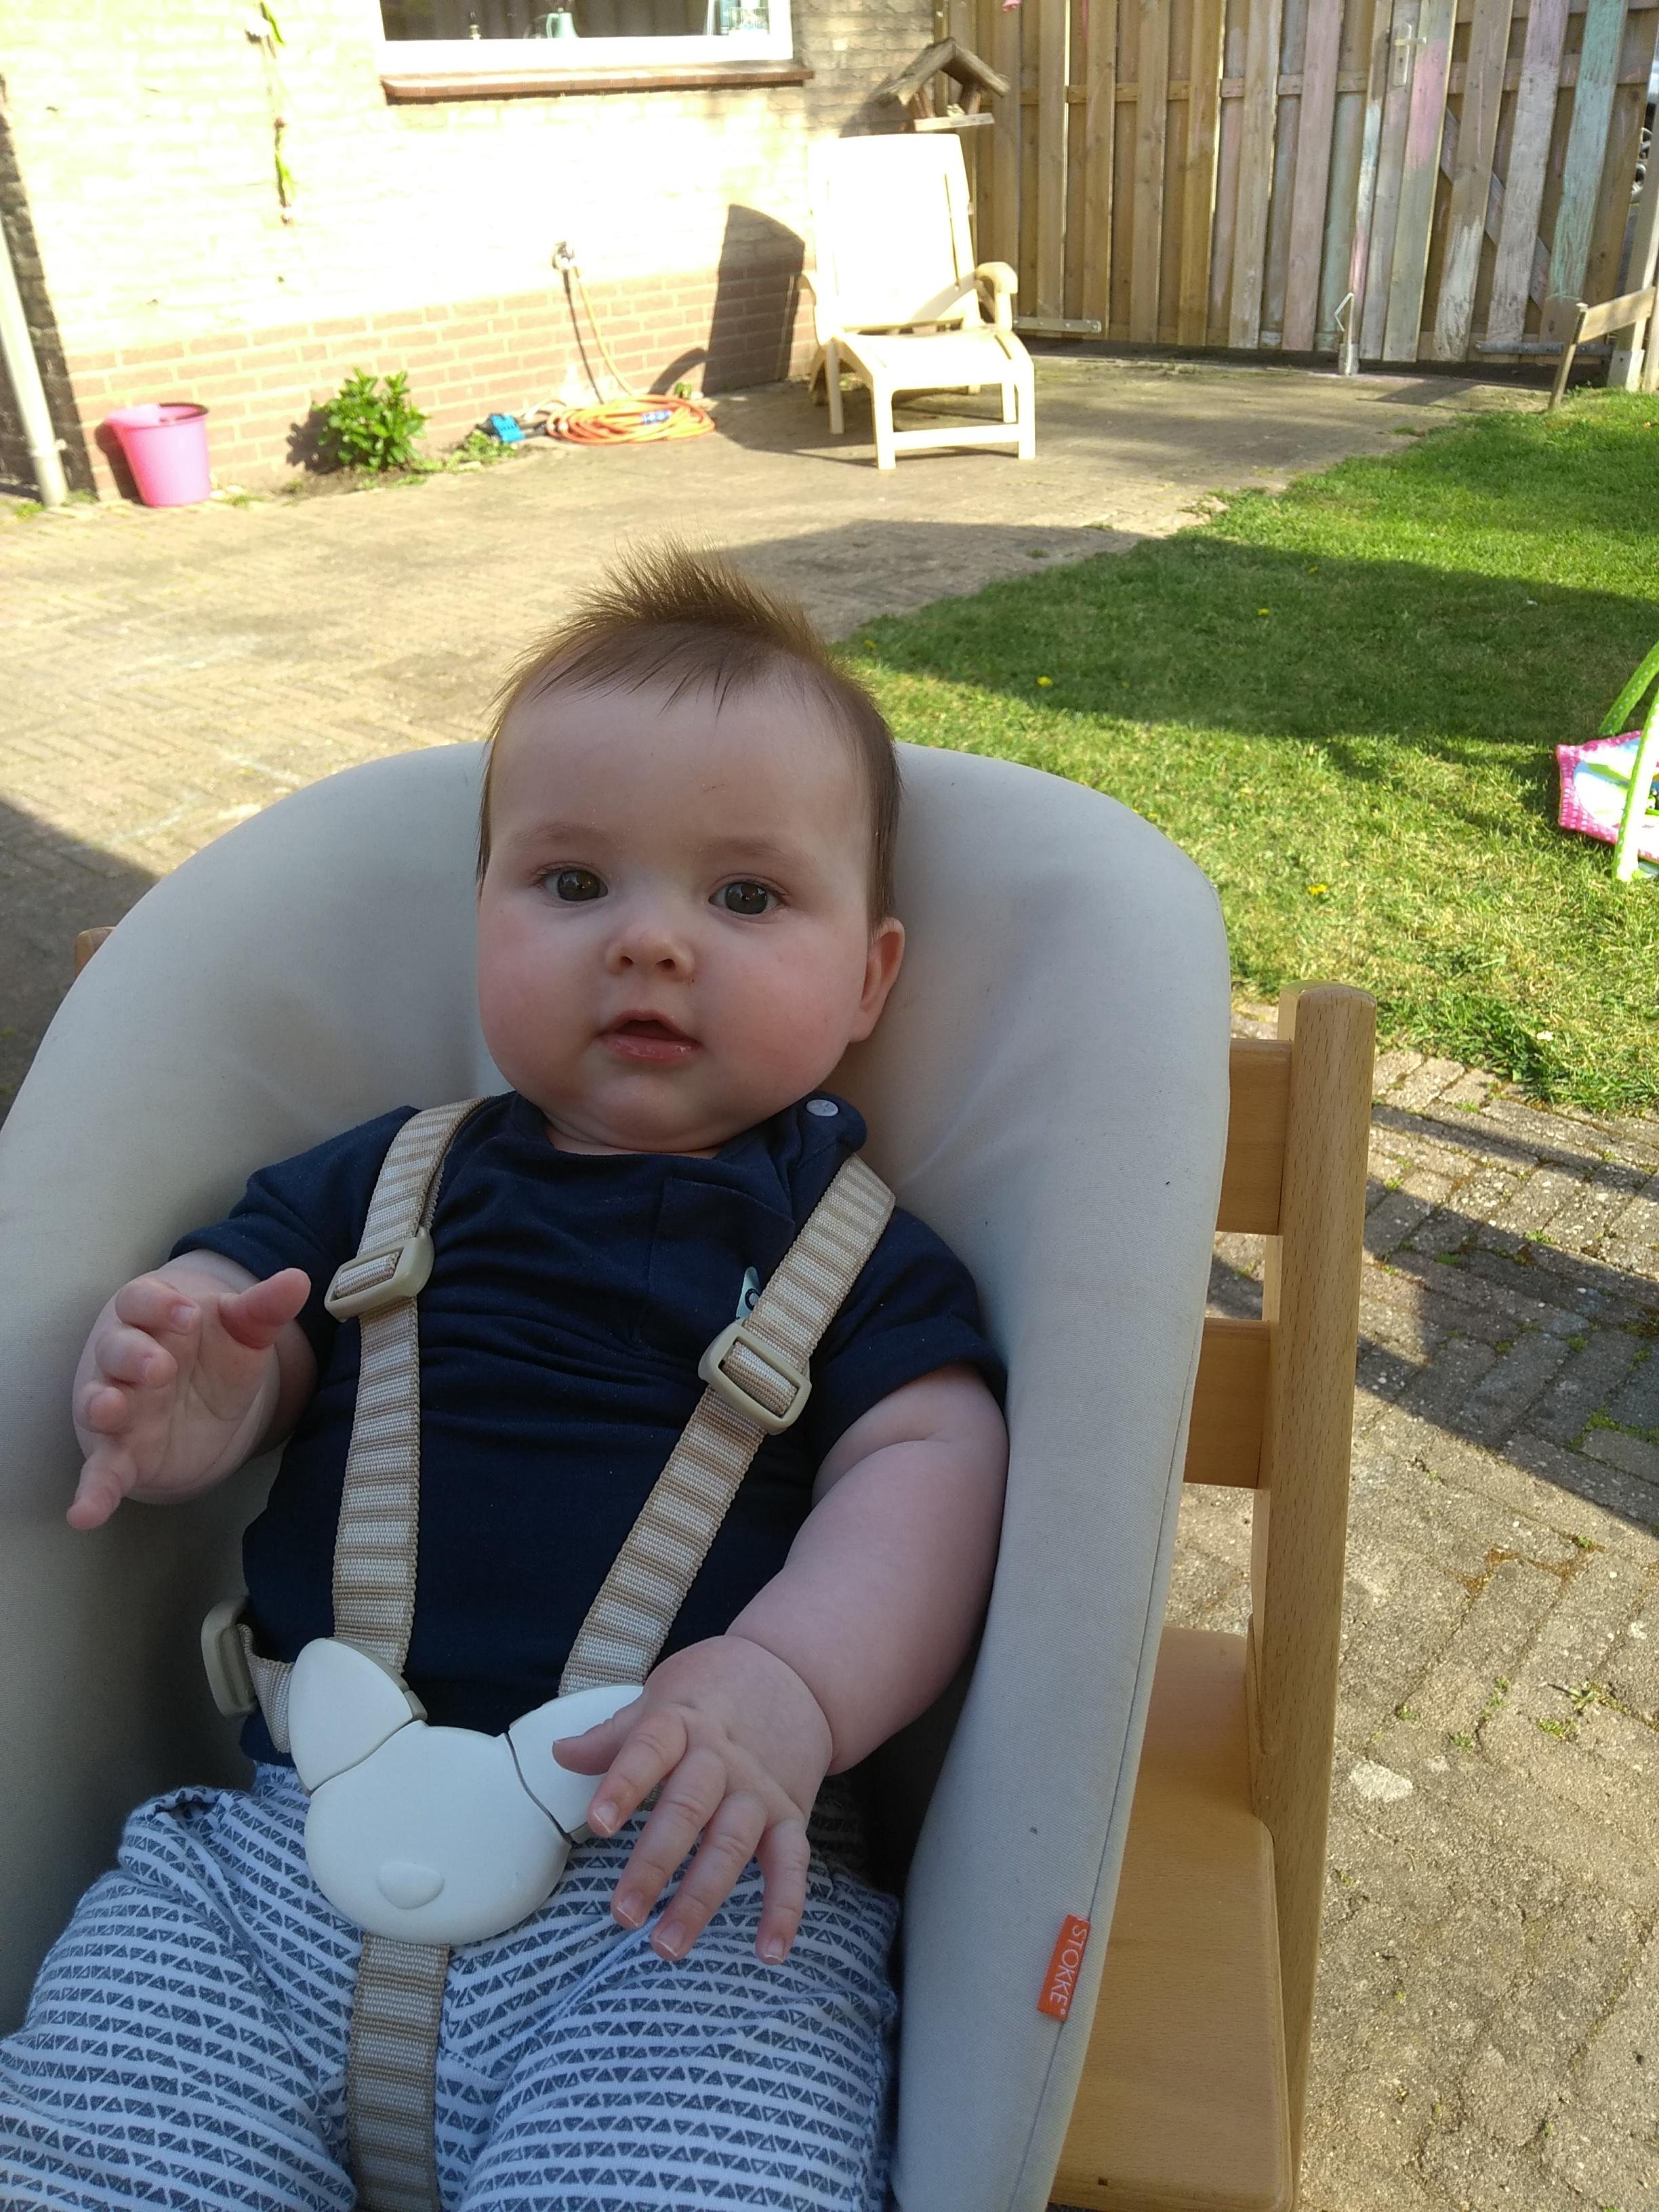 baby, baby 6 maanden, 6 maanden oud, babybroertje, derde kind, babyfase, ontwikkeling baby 6 maanden, mamalifestyle, mama van drie, mamablog, lalog.nl